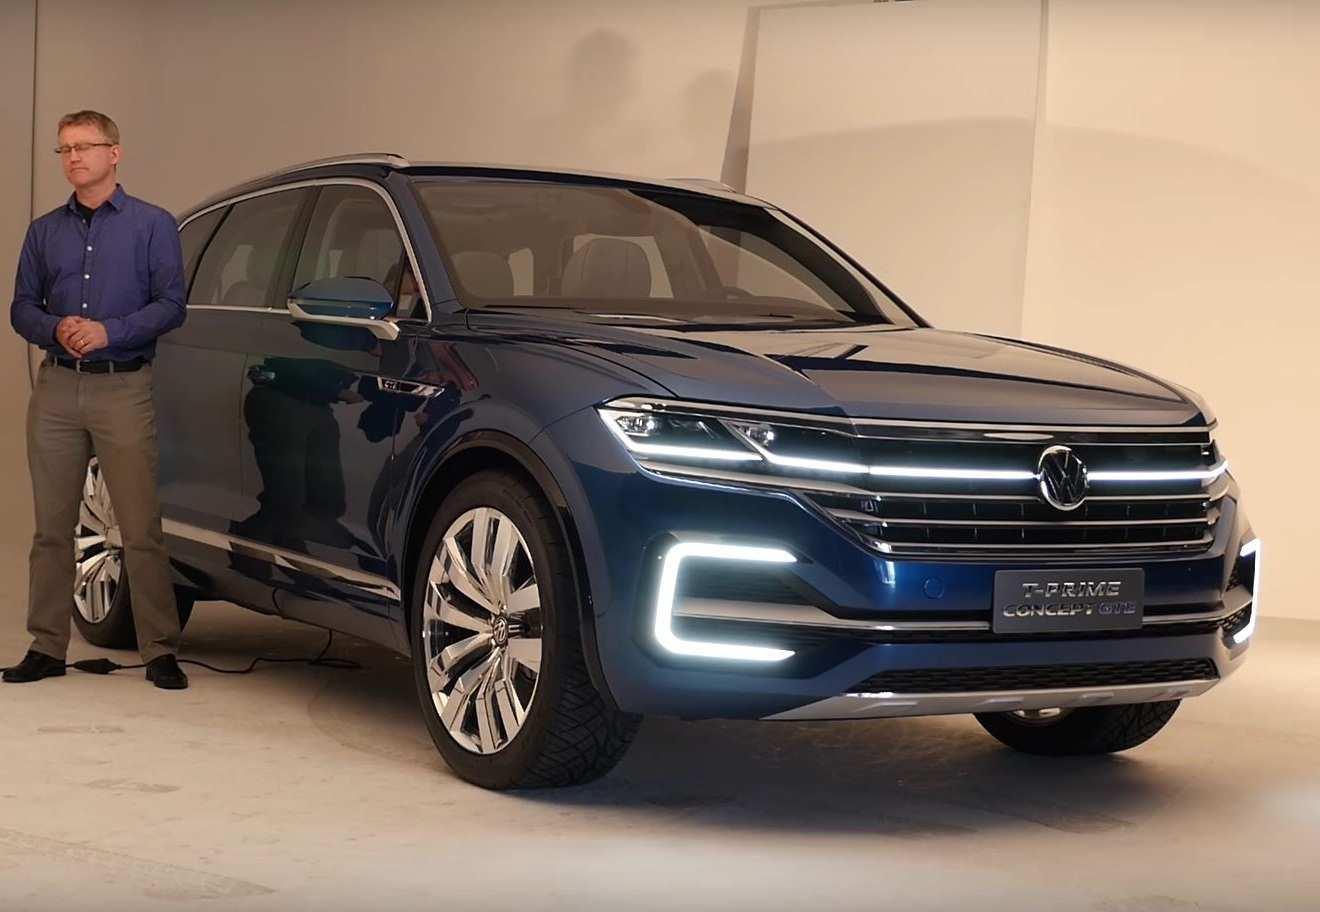 69 Concept of Touareg VW 2020 Style by Touareg VW 2020